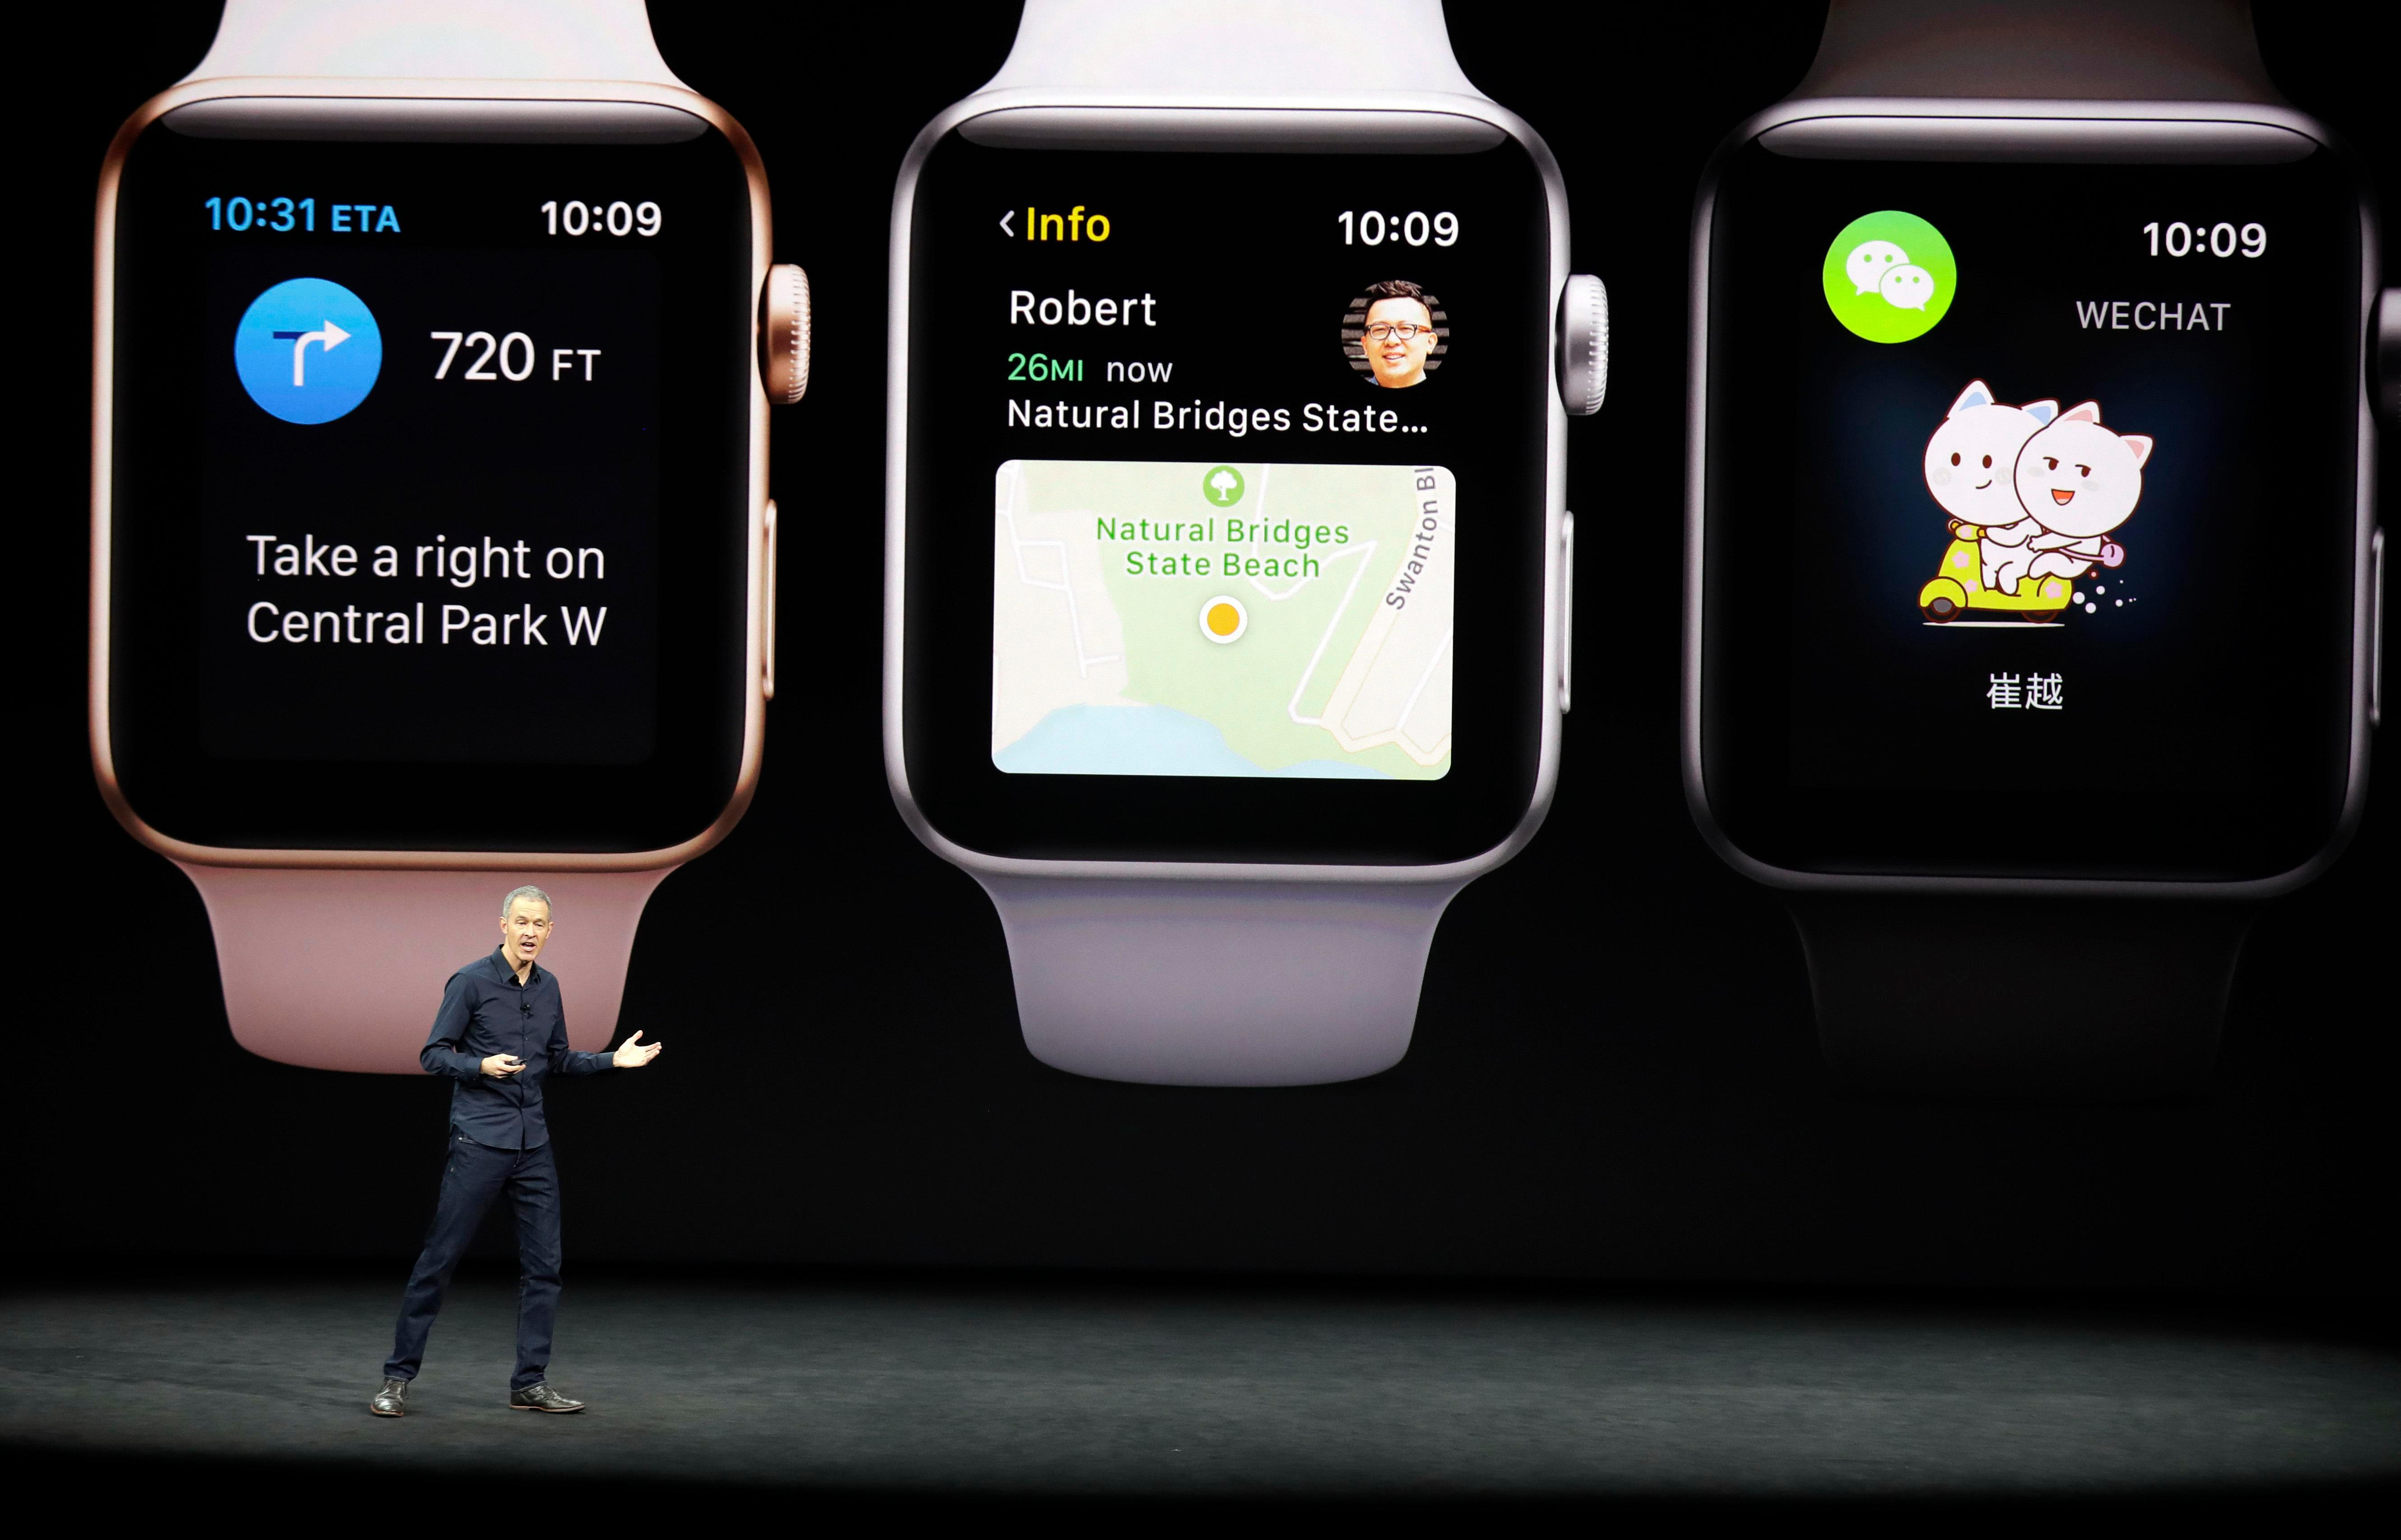 Apple no quiere decir cuántos relojes vende, pero afirma ser uno de los mayores fabricantes